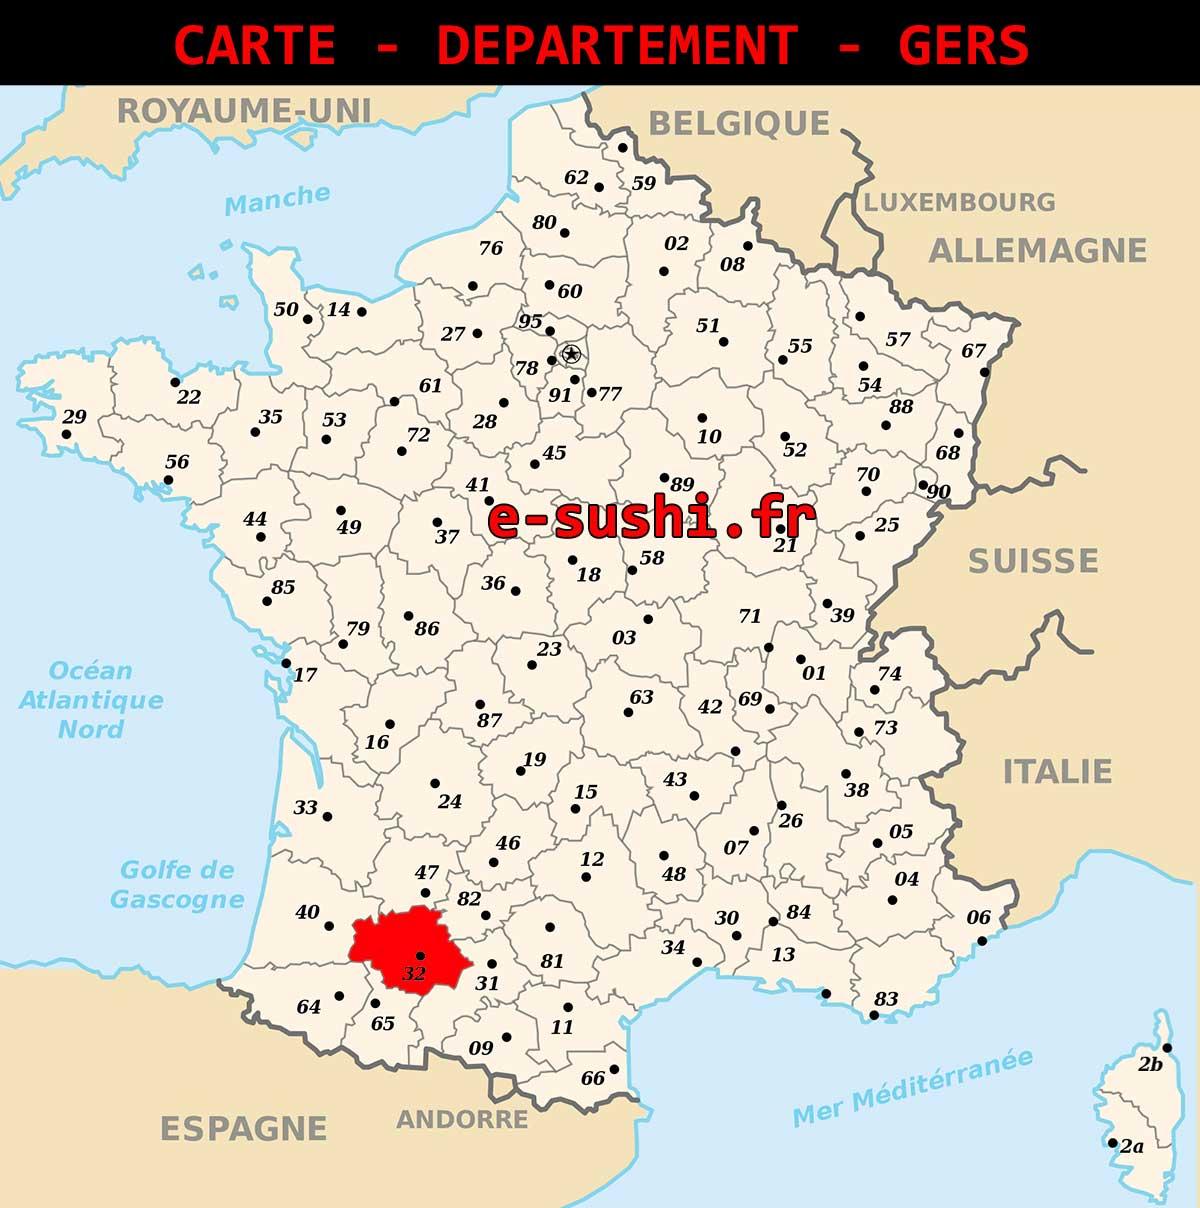 Carte - Département Du Gers - Arts Et Voyages concernant Carte Départementale De La France